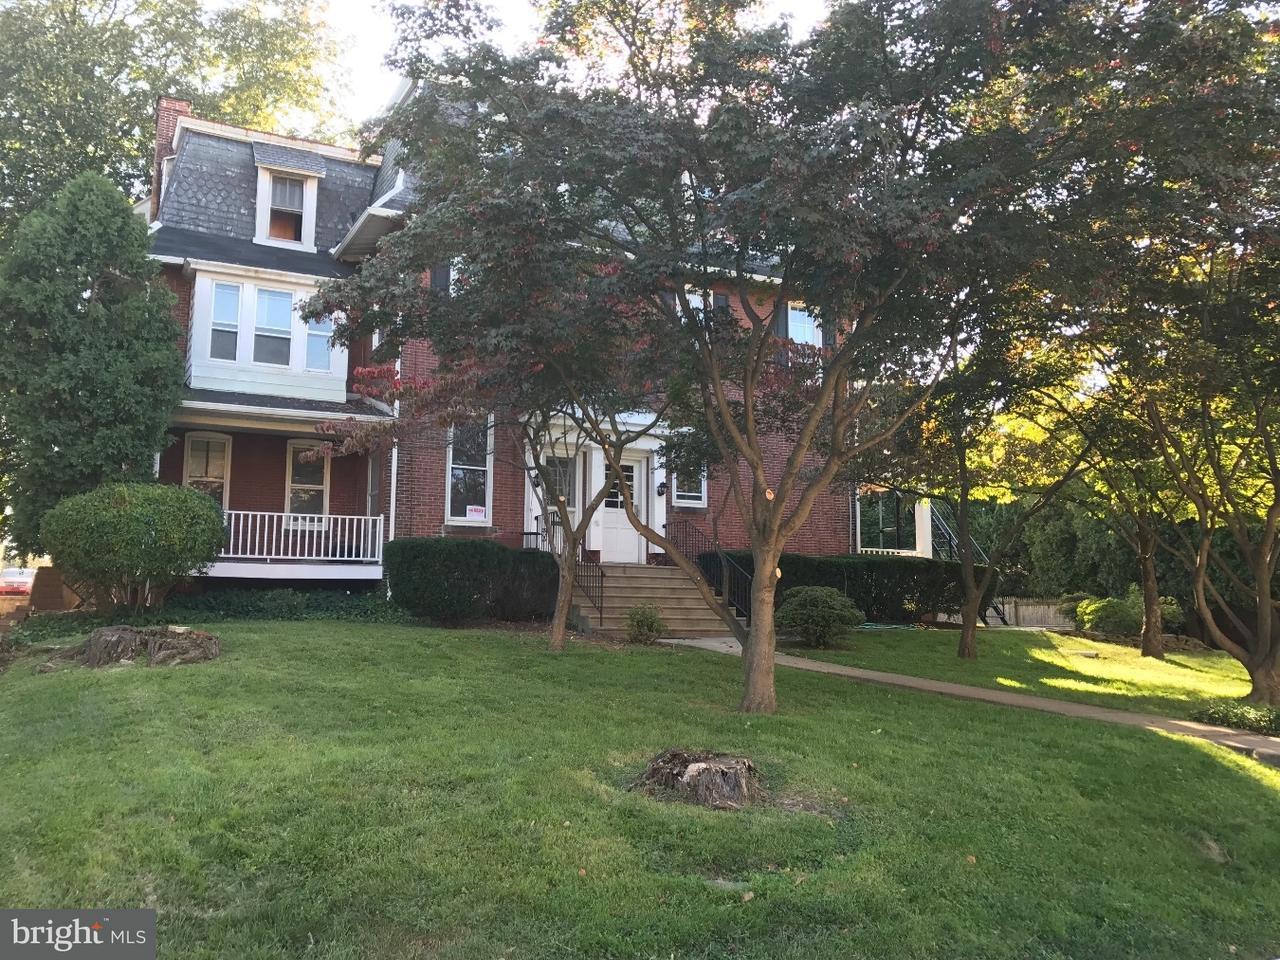 Частный односемейный дом для того Аренда на 108 MORTON AVE #1 Ridley Park, Пенсильвания 19078 Соединенные Штаты